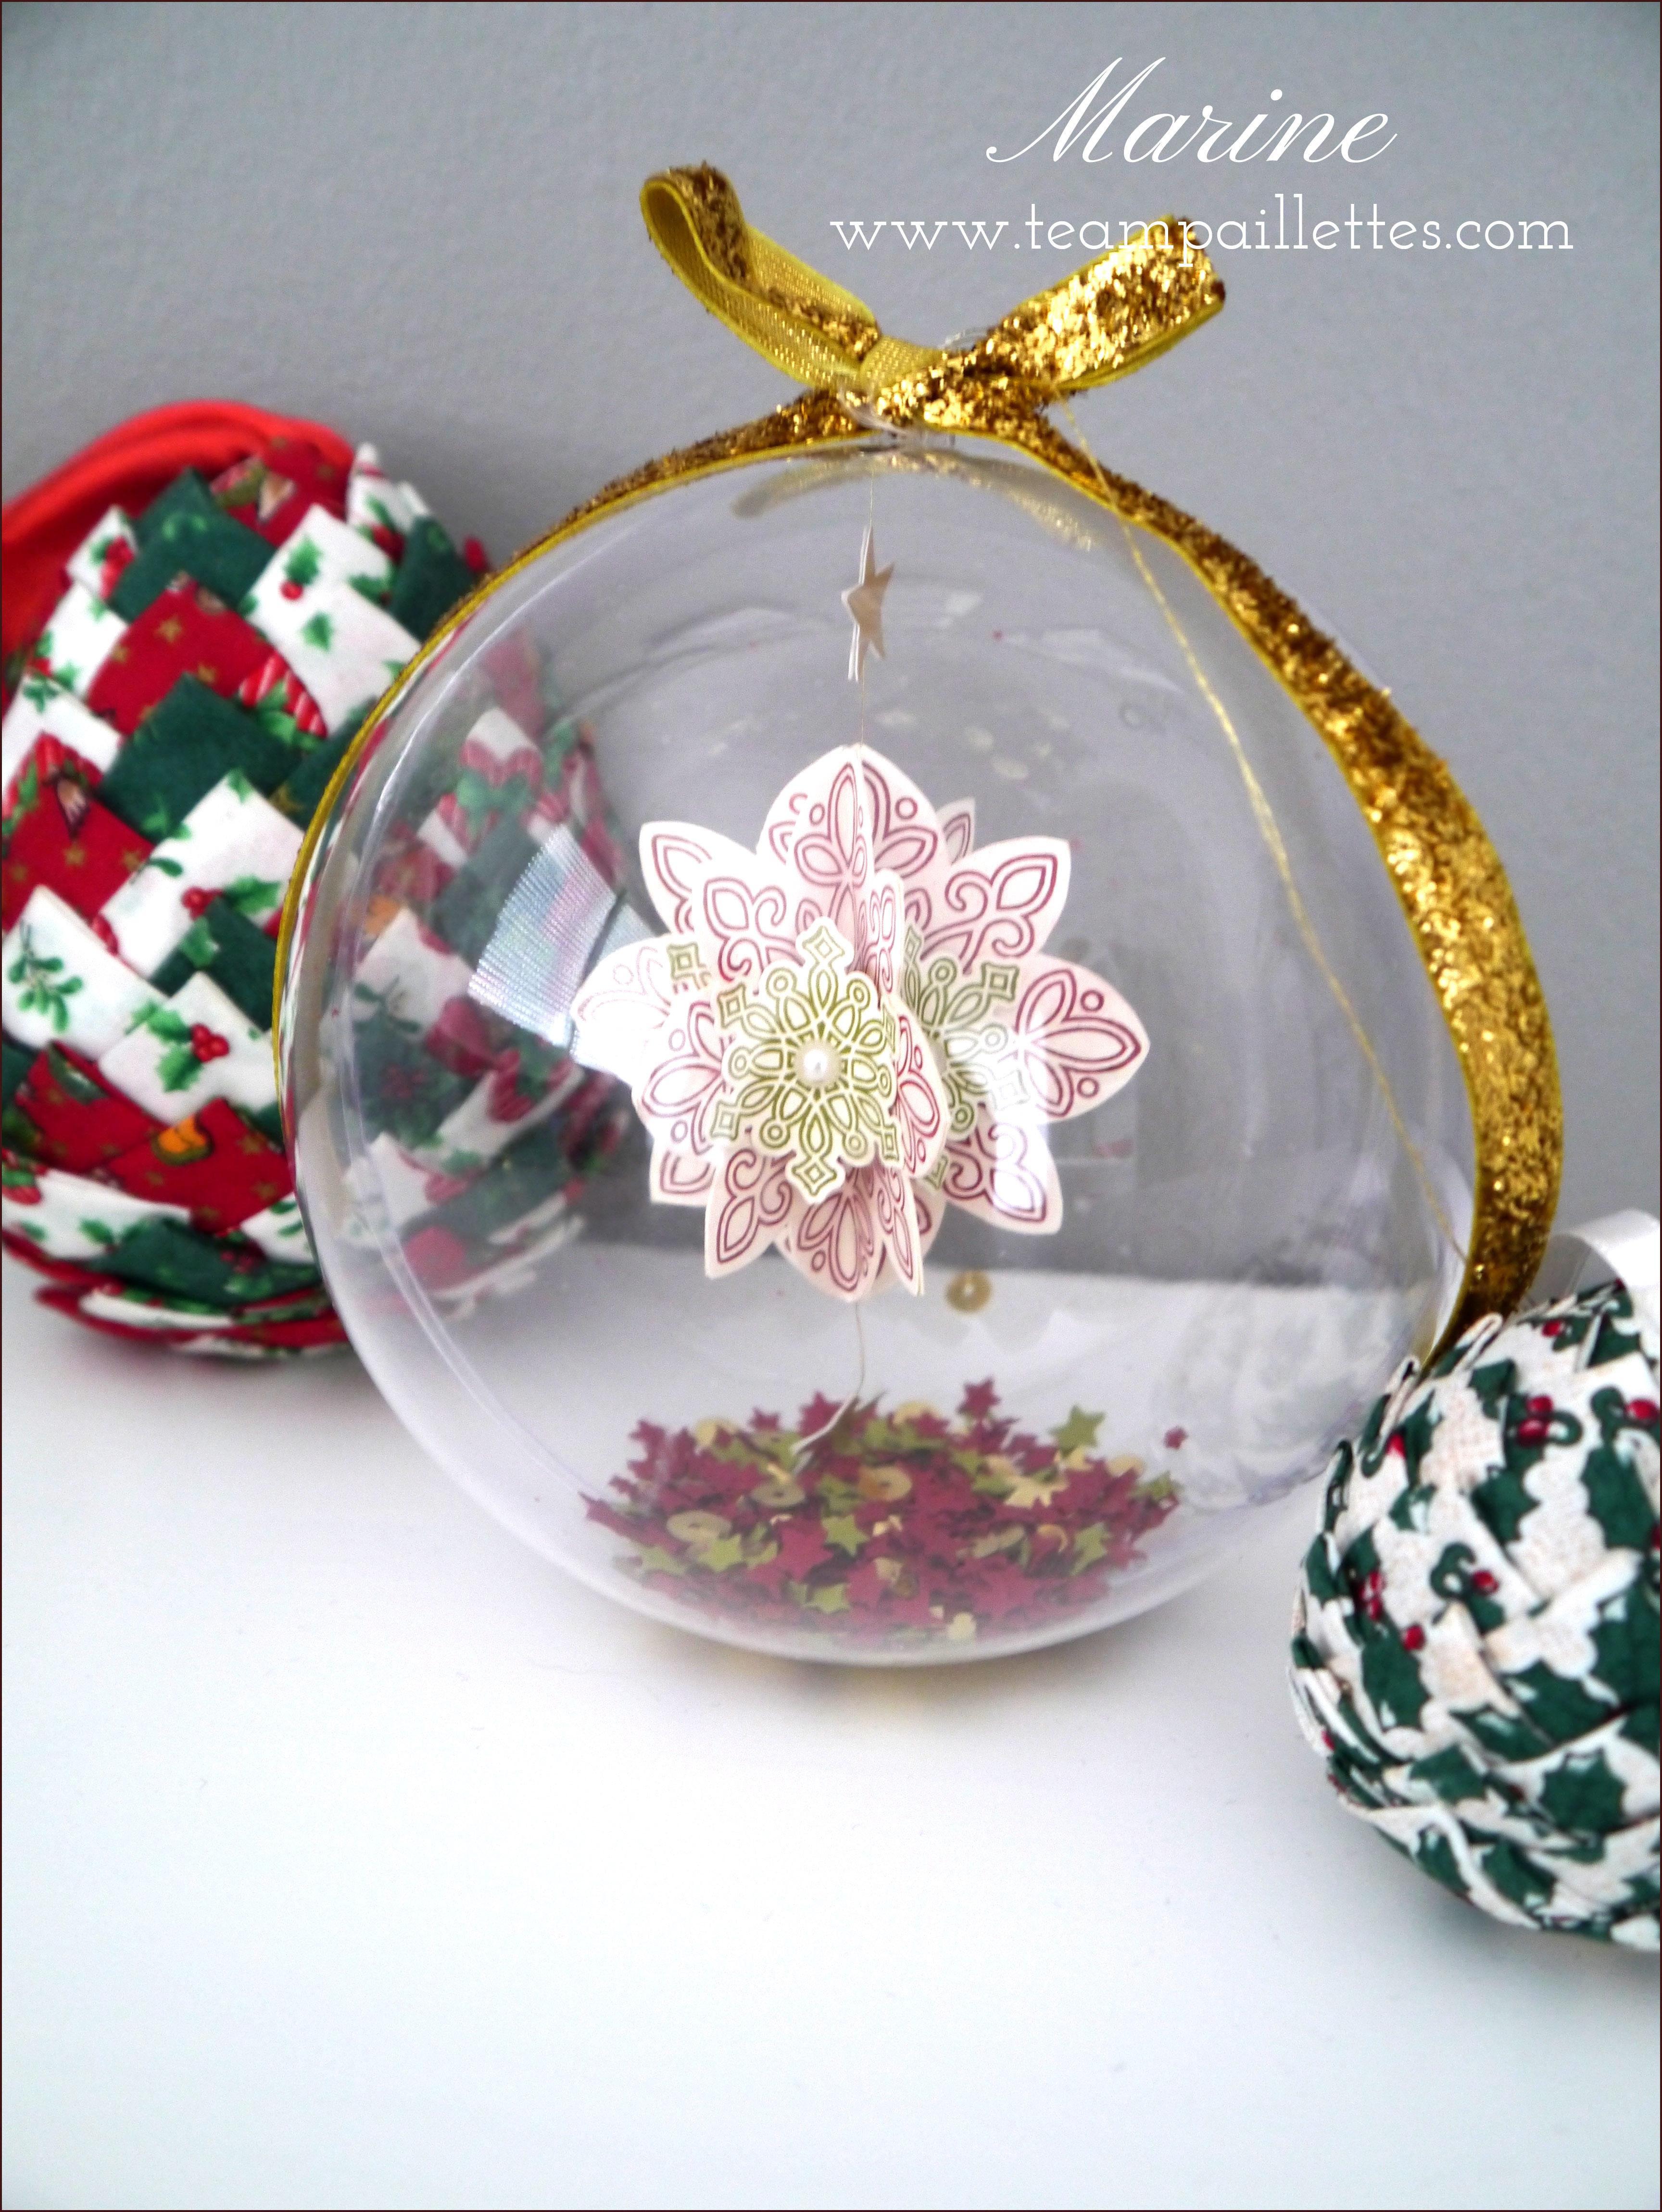 Diy Boule De Noel.Diy De Noël La Boule à Neige Team Paillettes